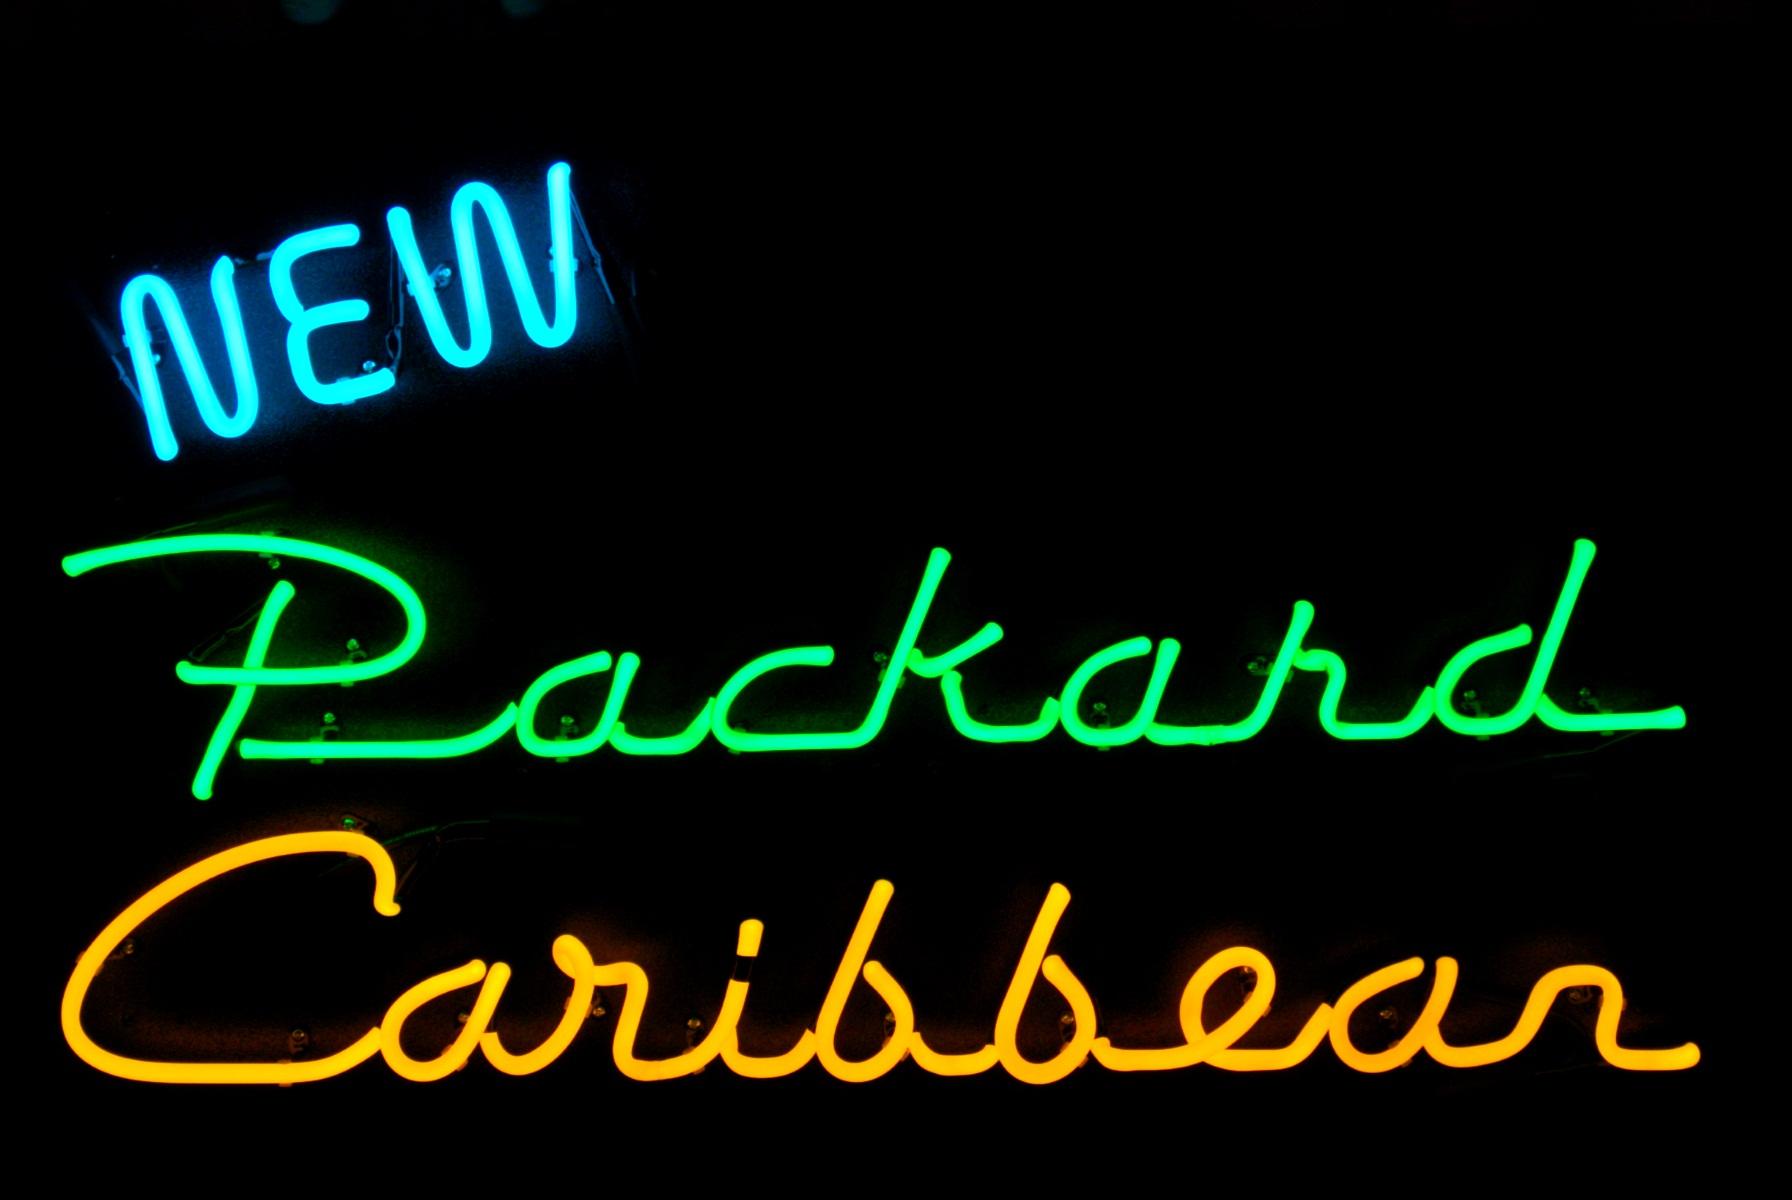 """""""New Packard Caribbean' - Packard Neon Sign by John Barton - former Packard New Car Dealer - BartonNeonMagic.com"""